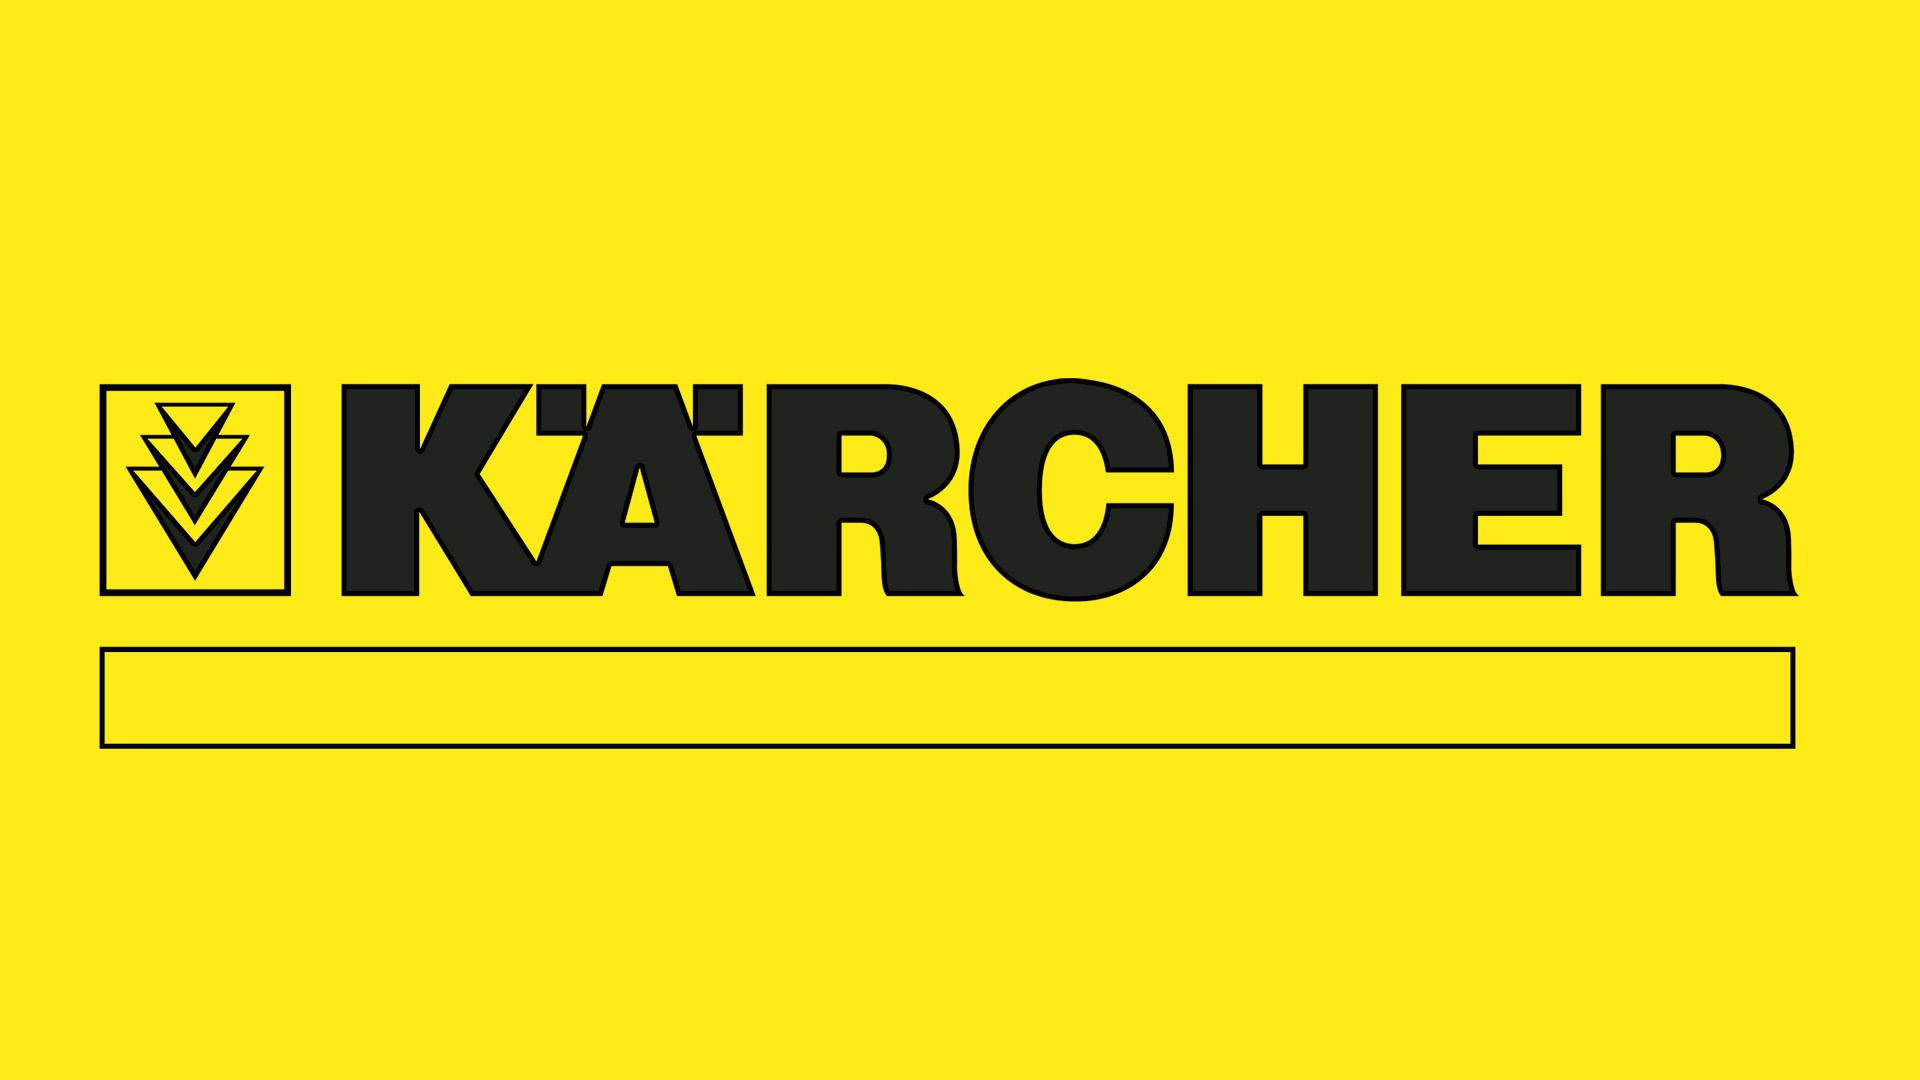 Karcher-emblem.jpg